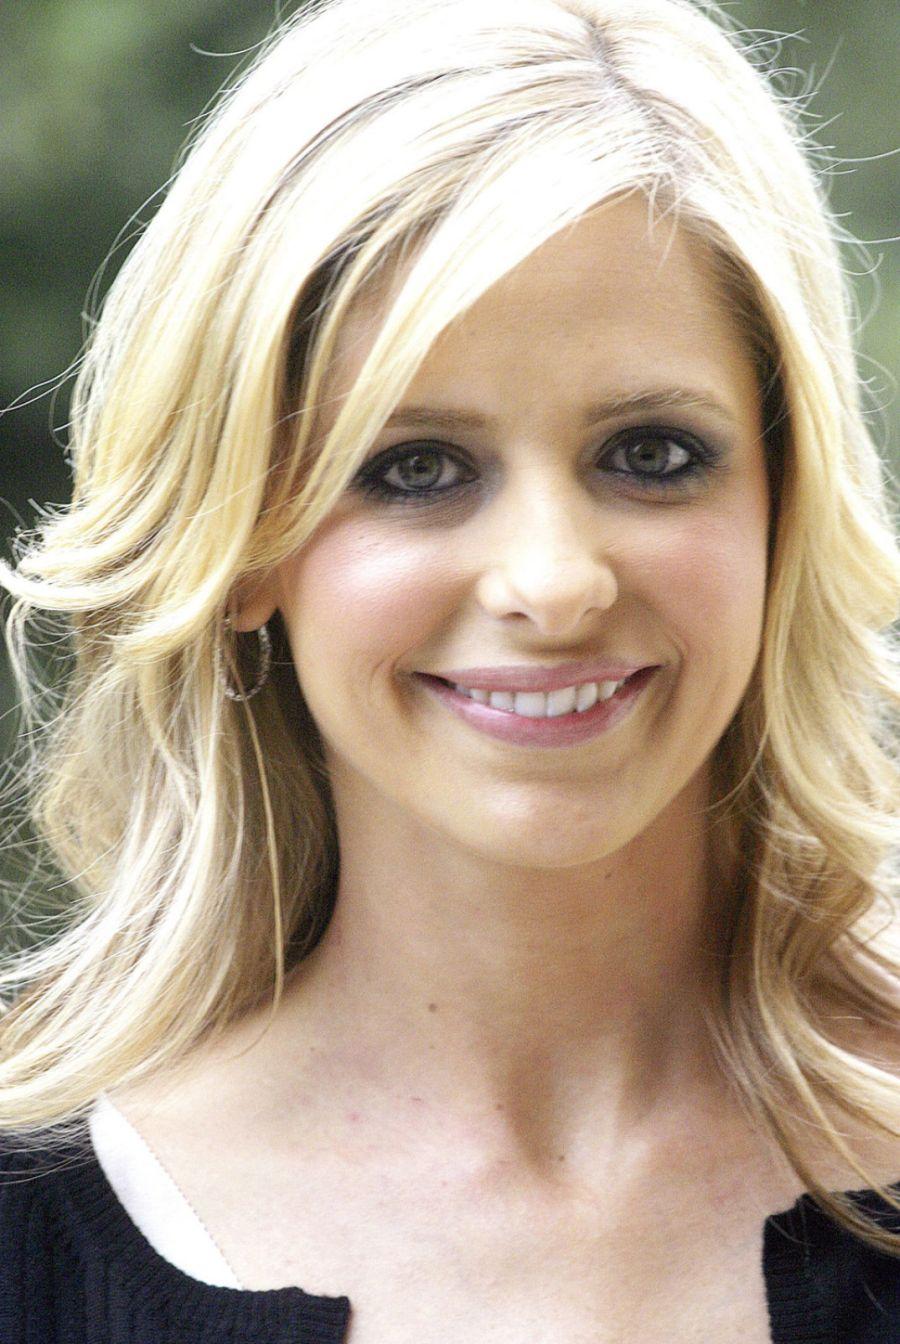 BartCop's TV Hotties - Sarah Michelle Gellar - Page 96